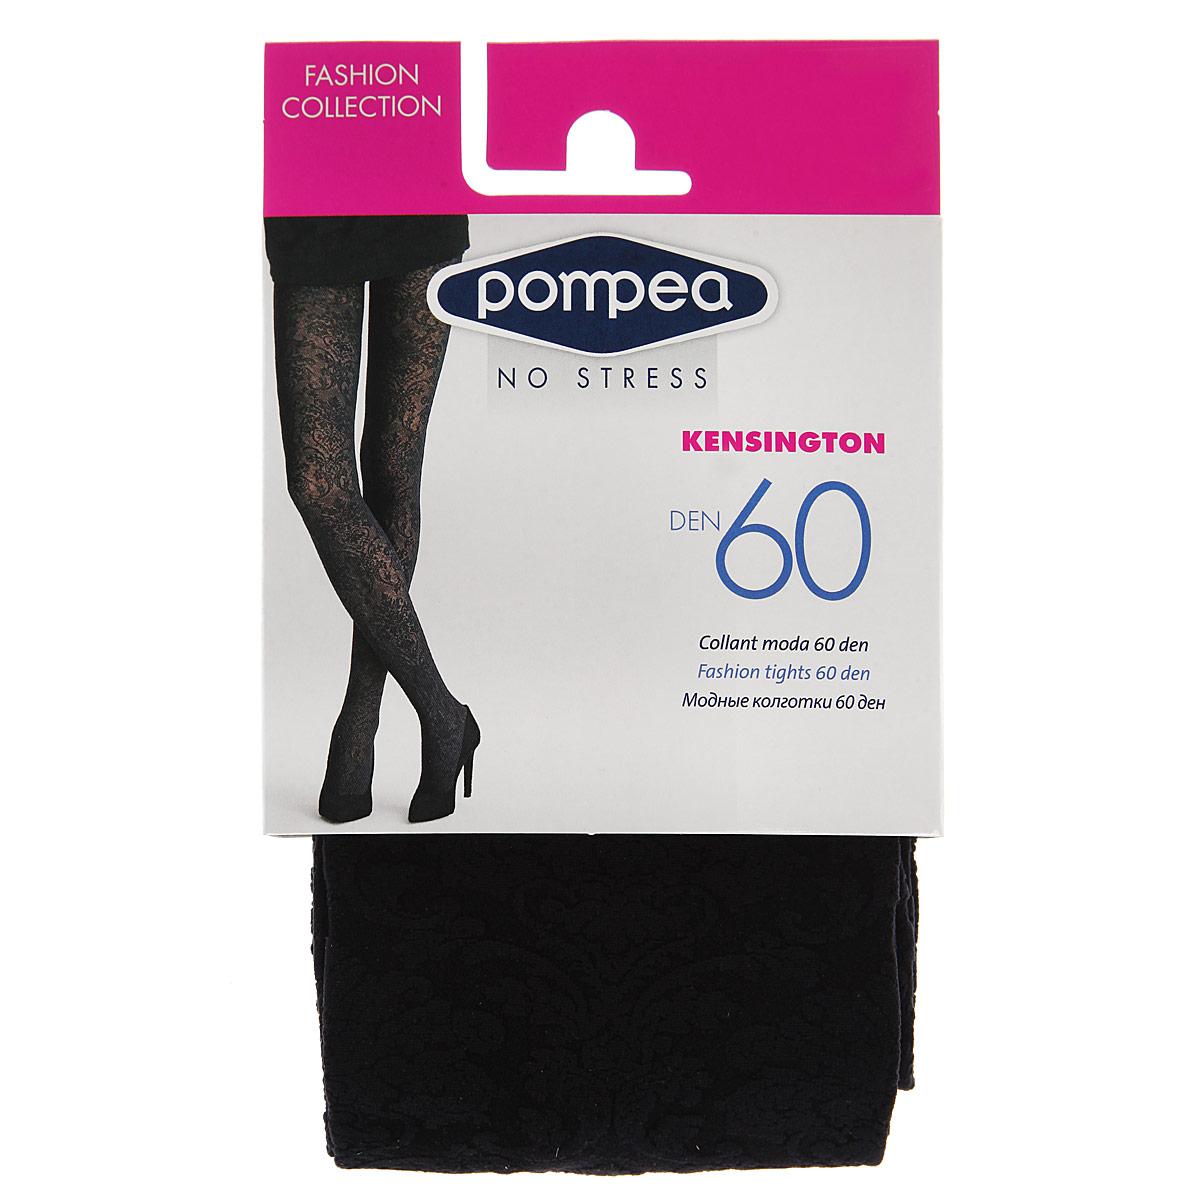 �������� ������� Pompea Kensington Fashion 60 - Pompea90768981 Nero������ ������� ����������� � ���������� �������� ���������� 60 ���, � ������ ������, �������� ��� ��� ���������, ��� � ��� ������������ �����.